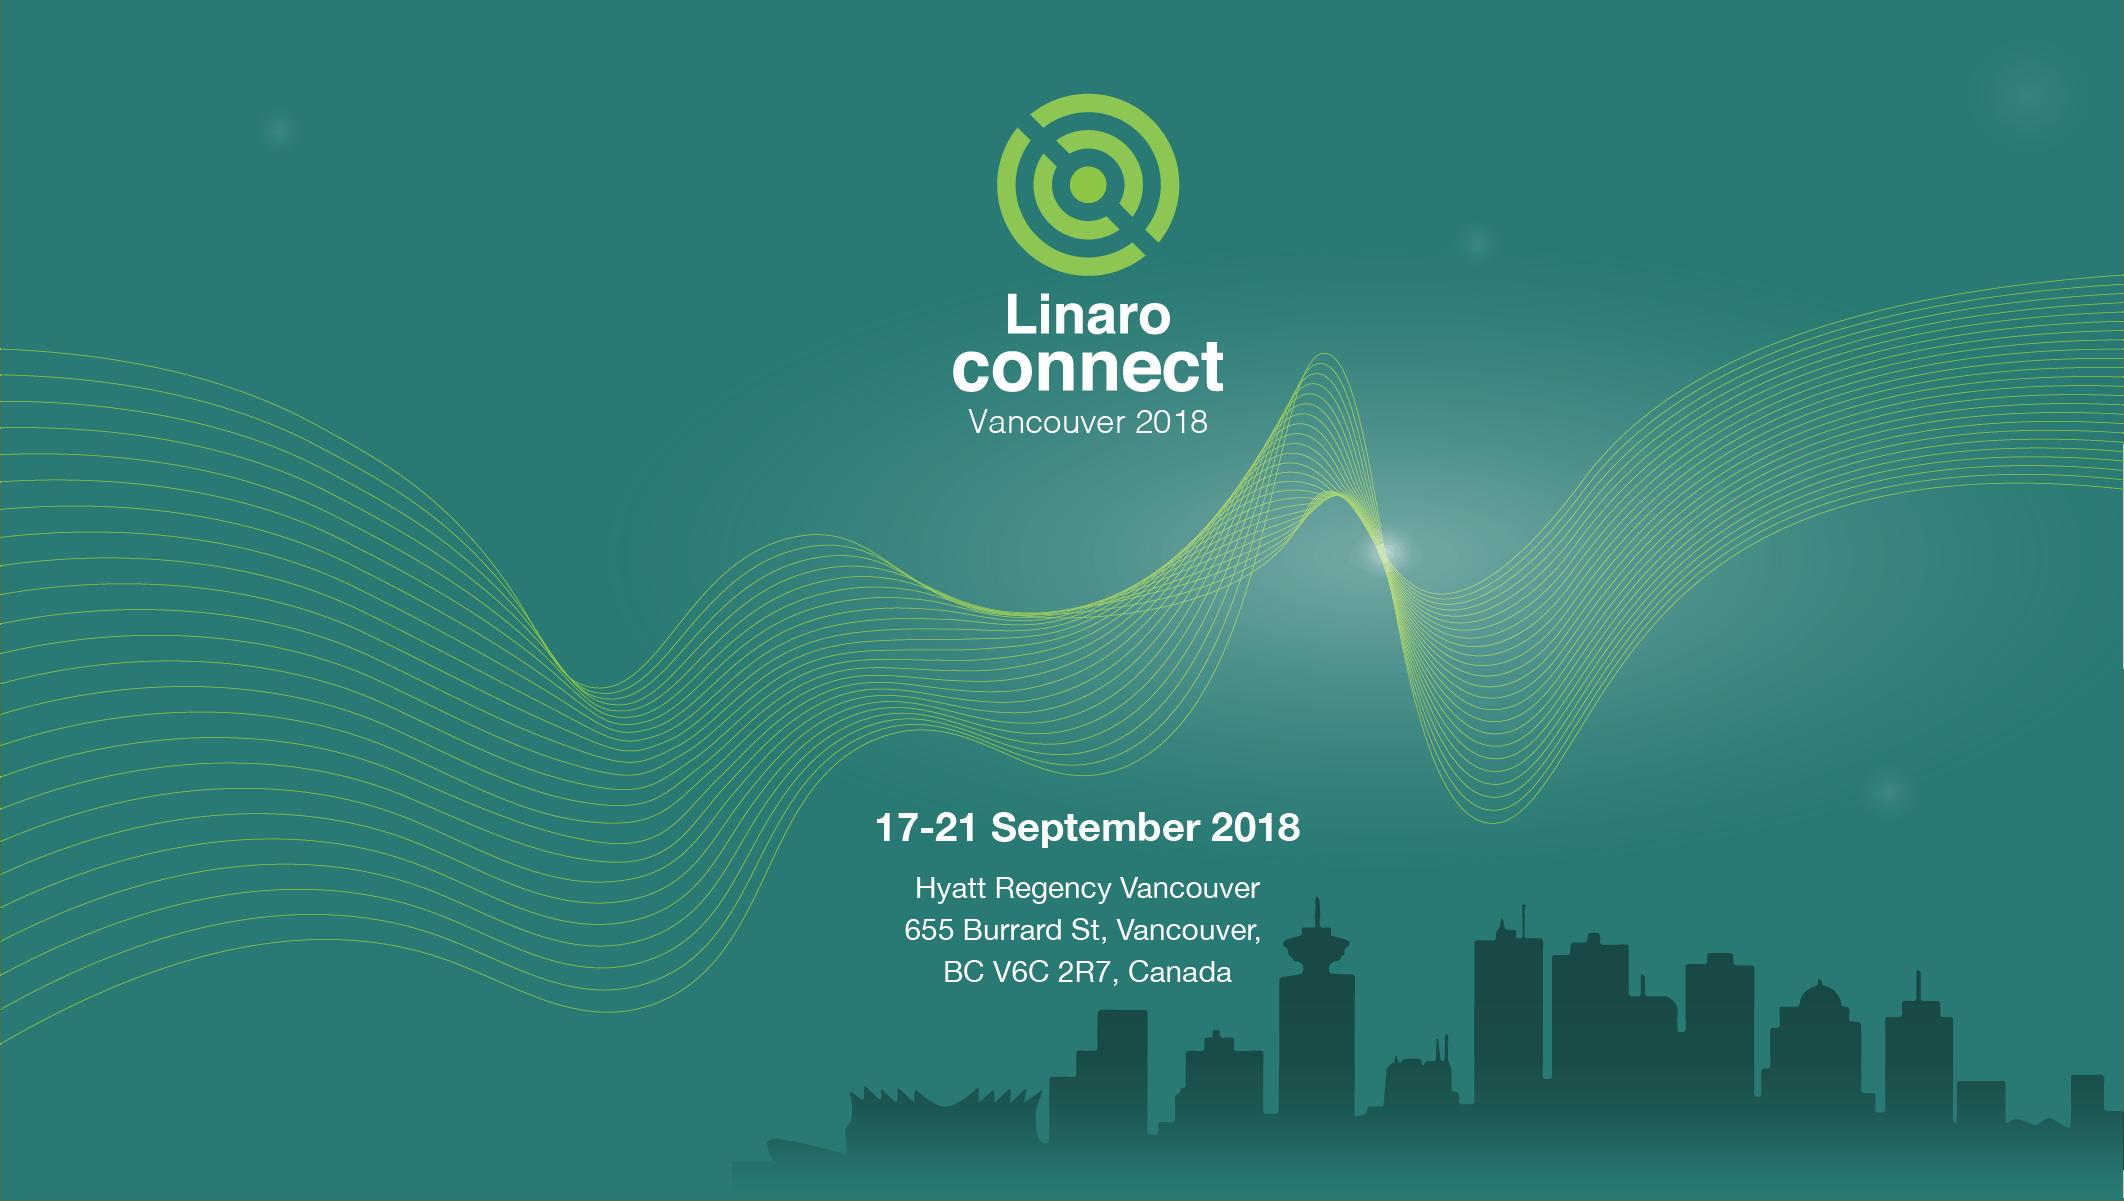 Linaro Connect Vancouver (YVR18)